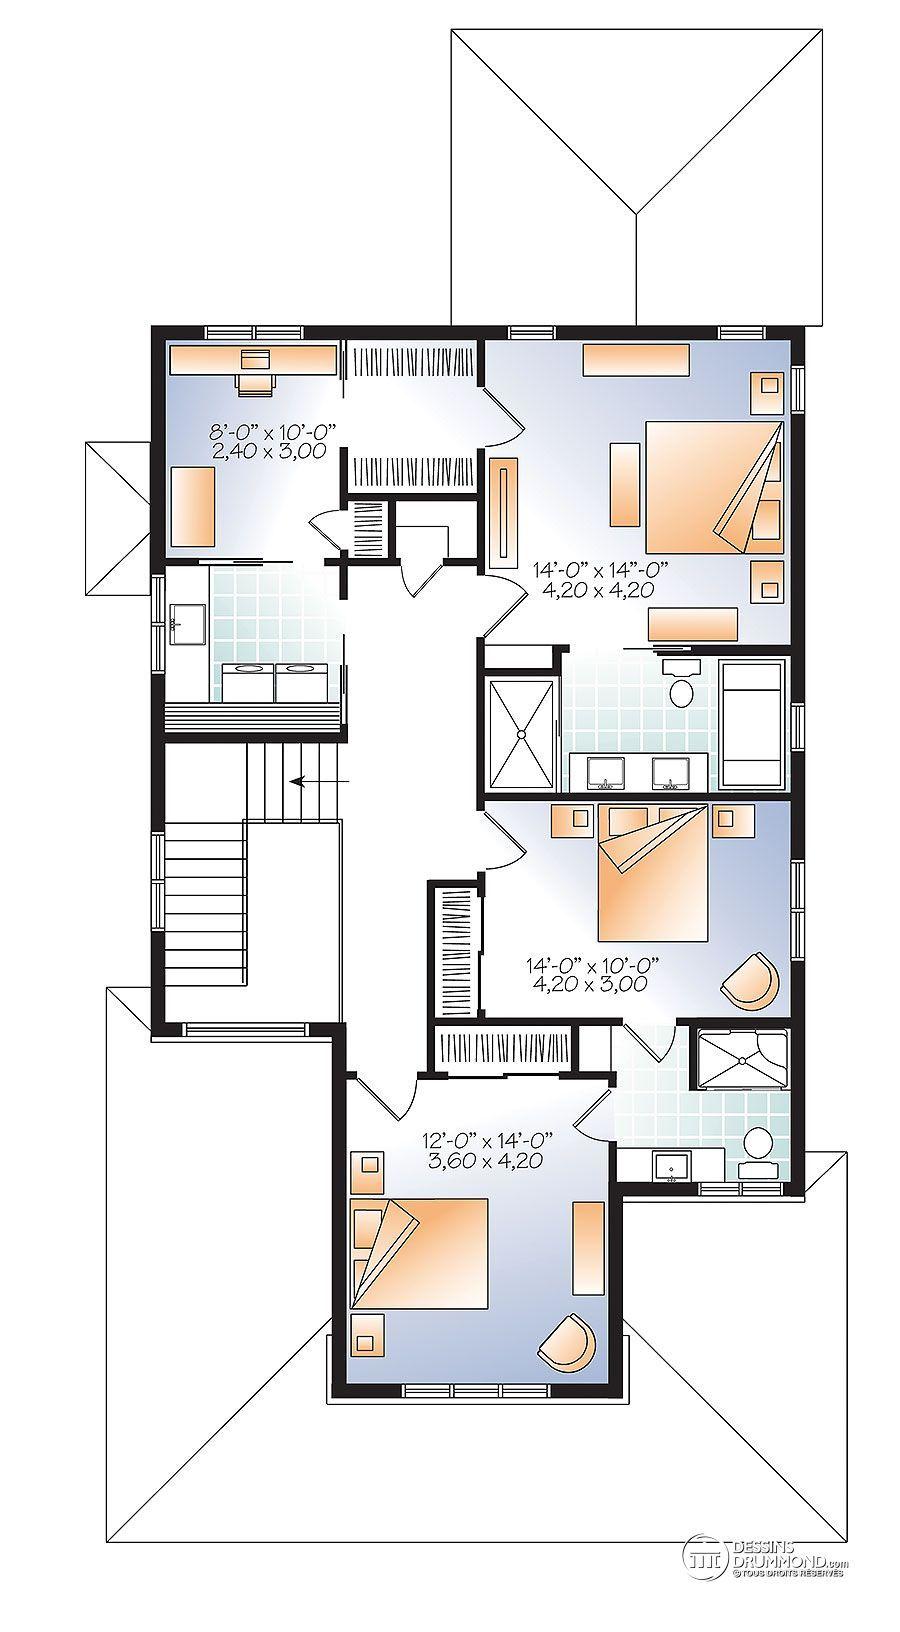 Détail du plan de maison unifamiliale w2889 v1